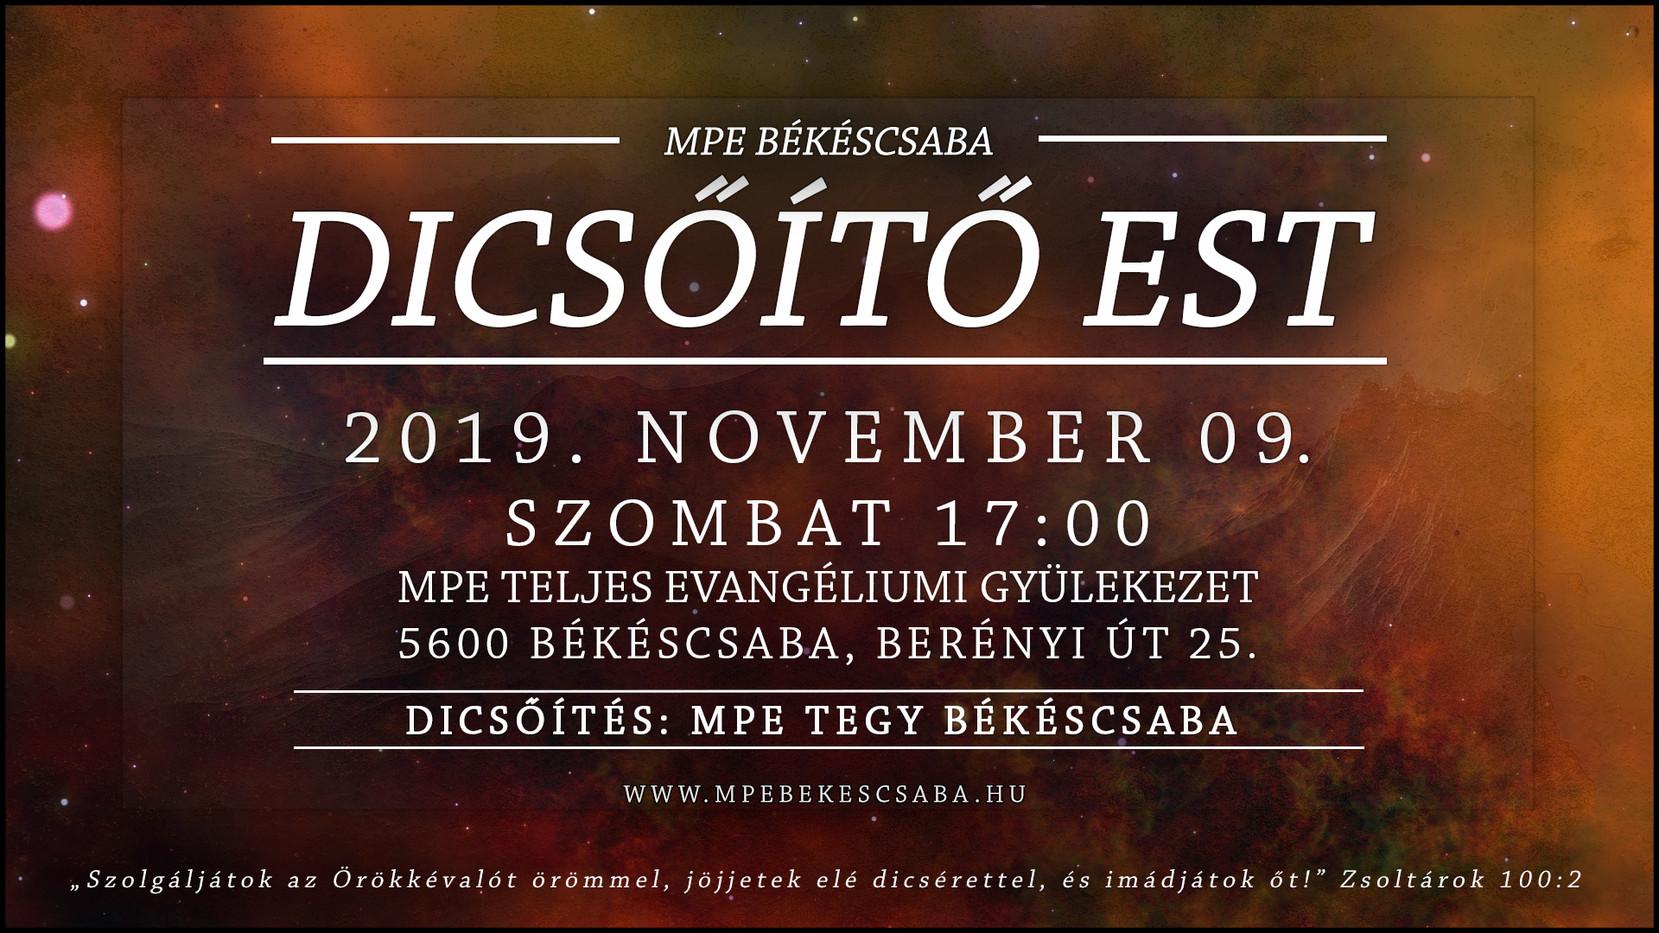 Dicsőítő est_2019.11.09. v1.0.jpg